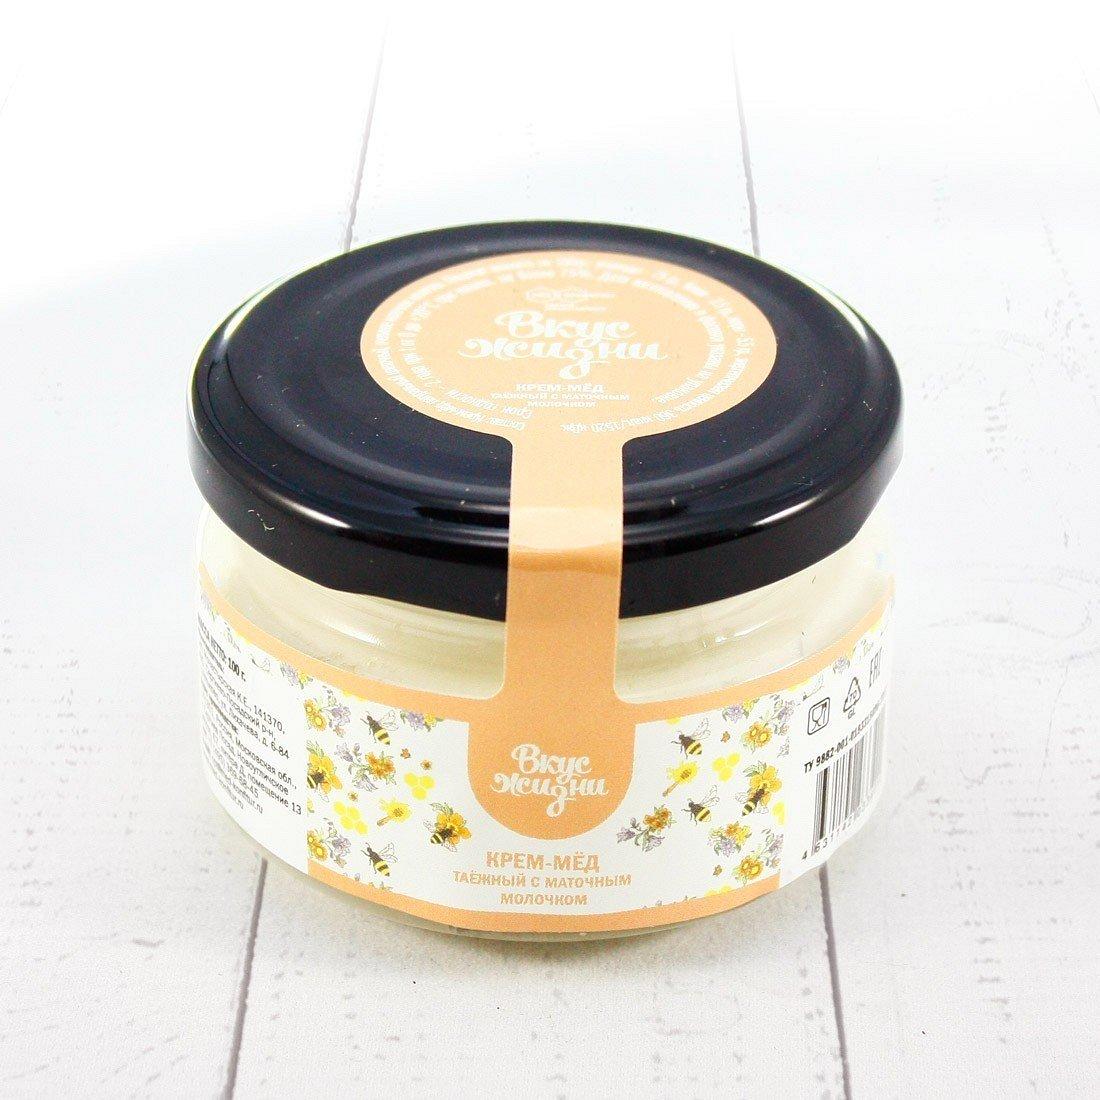 Крем-мёд таежный с маточным молочком Вкус Жизни New 100 гр. шайба - фото 1